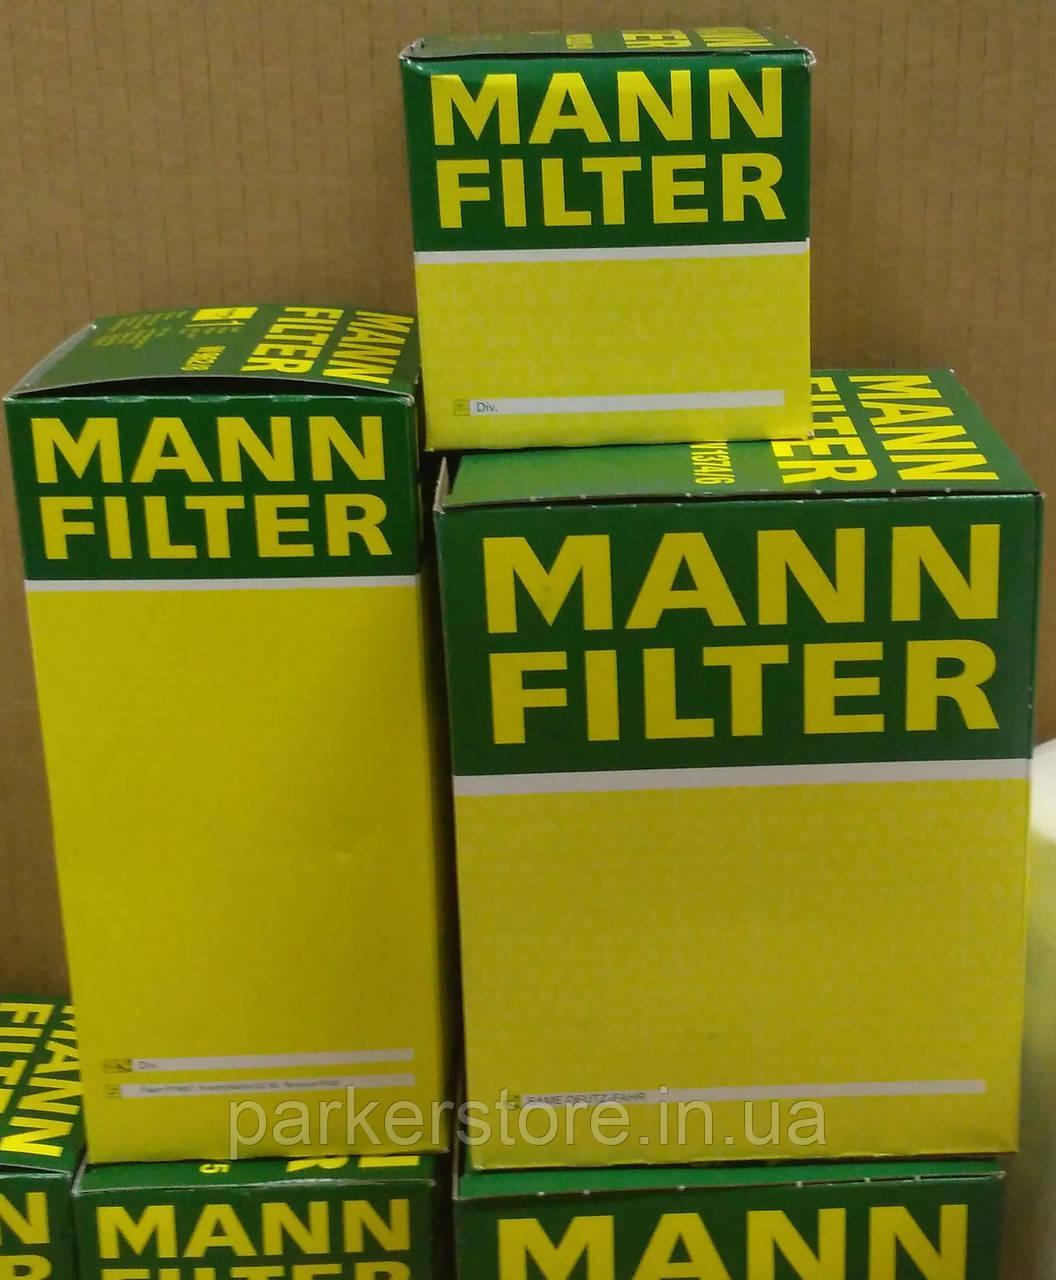 MANN FILTER / Воздушный фильтр / C 2860 / C2860